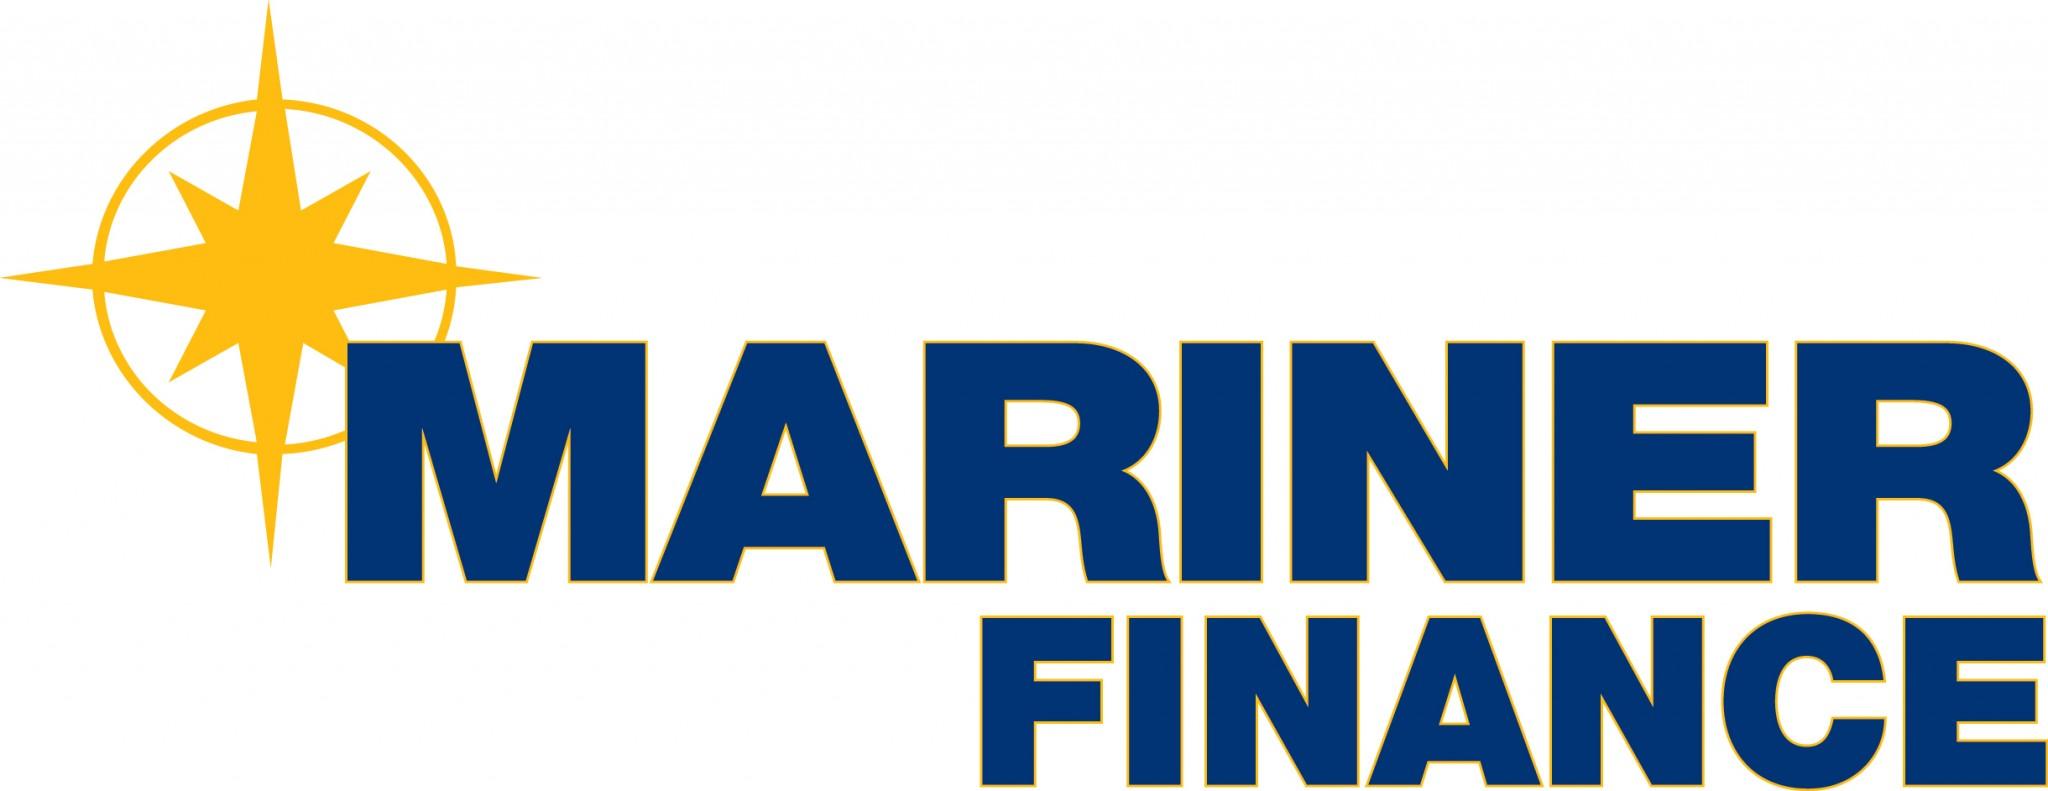 Logo-for-NW-Mariner-Finance.jpg